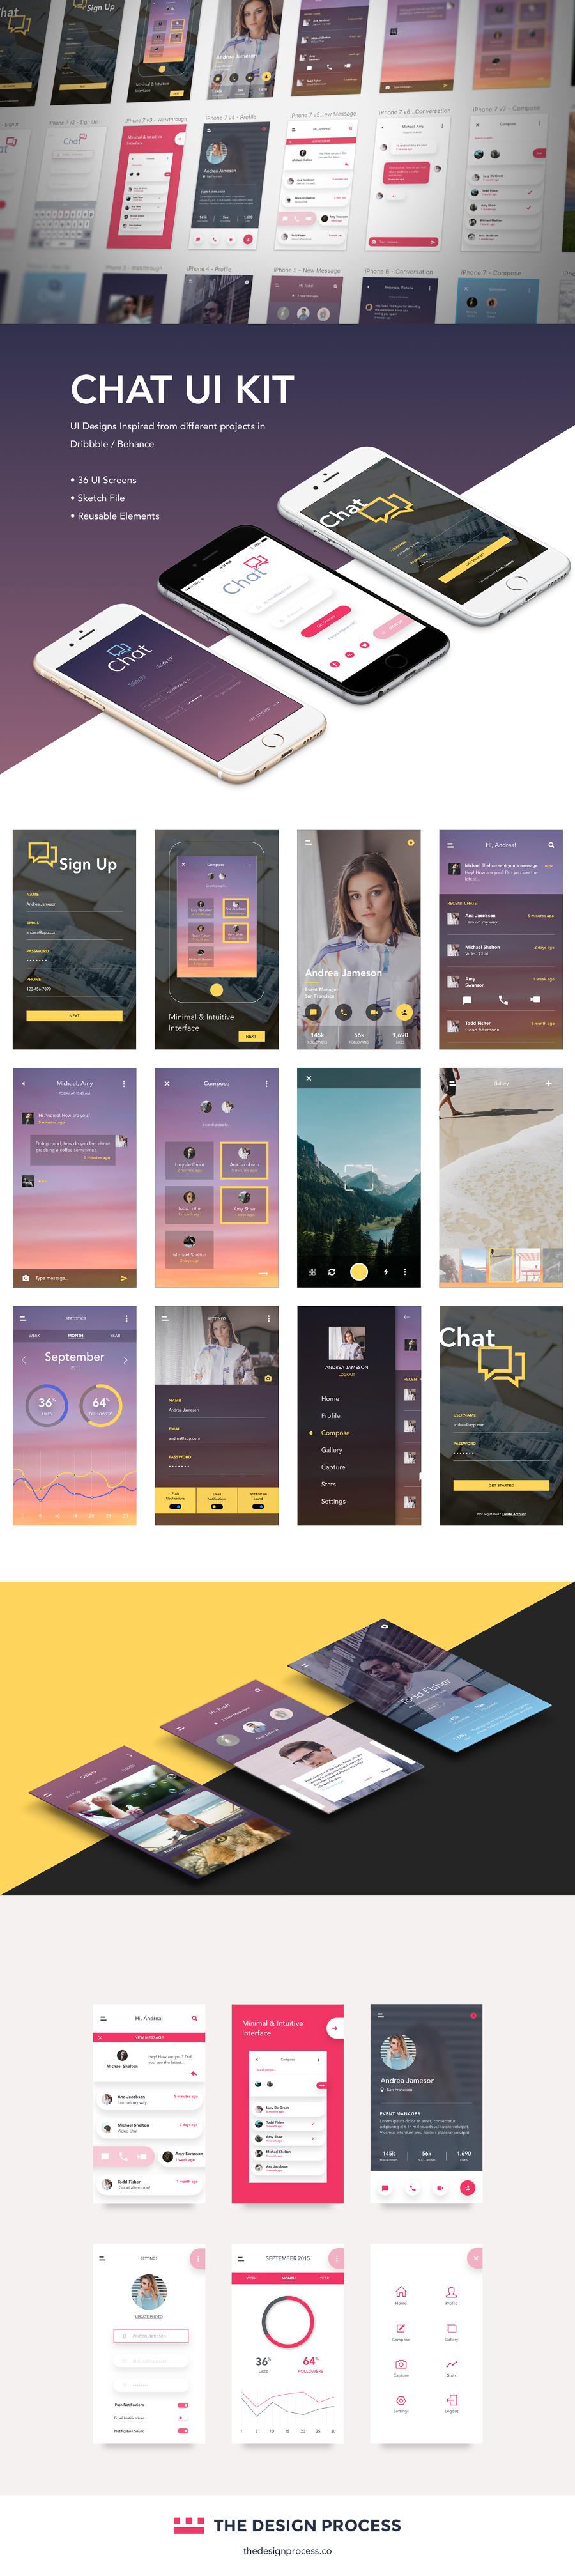 Free Sketch Chat App UI Kit